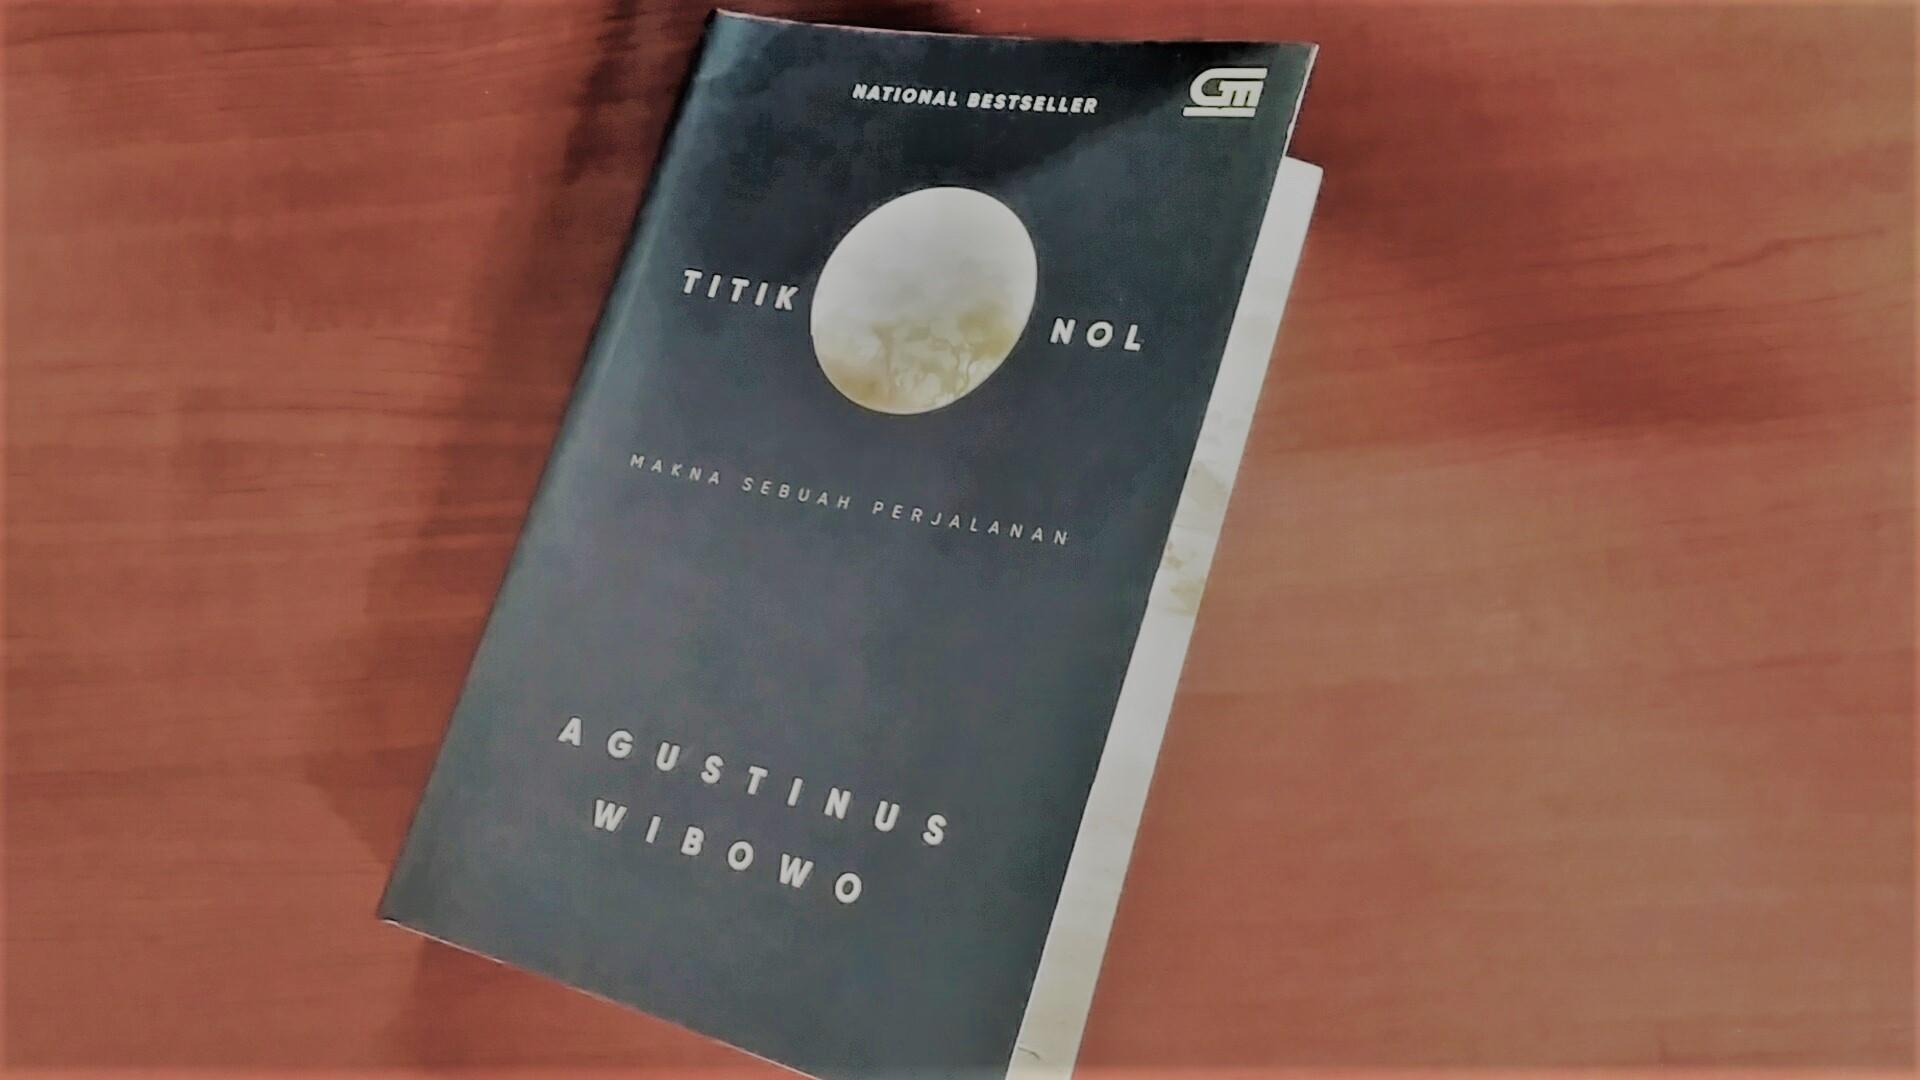 Titik Nol, buku baru tapi lama. Belajar tentang sebuah perjalanan, tentang Literasi Manusia. Foto: dok. pribadi